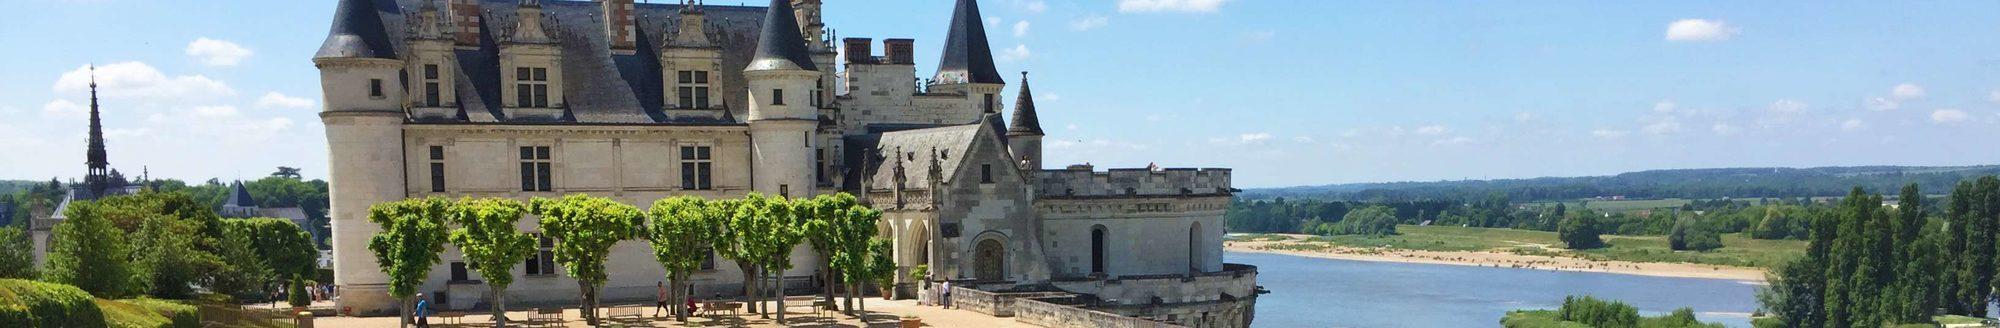 Fotos Königsschloss von Amboise